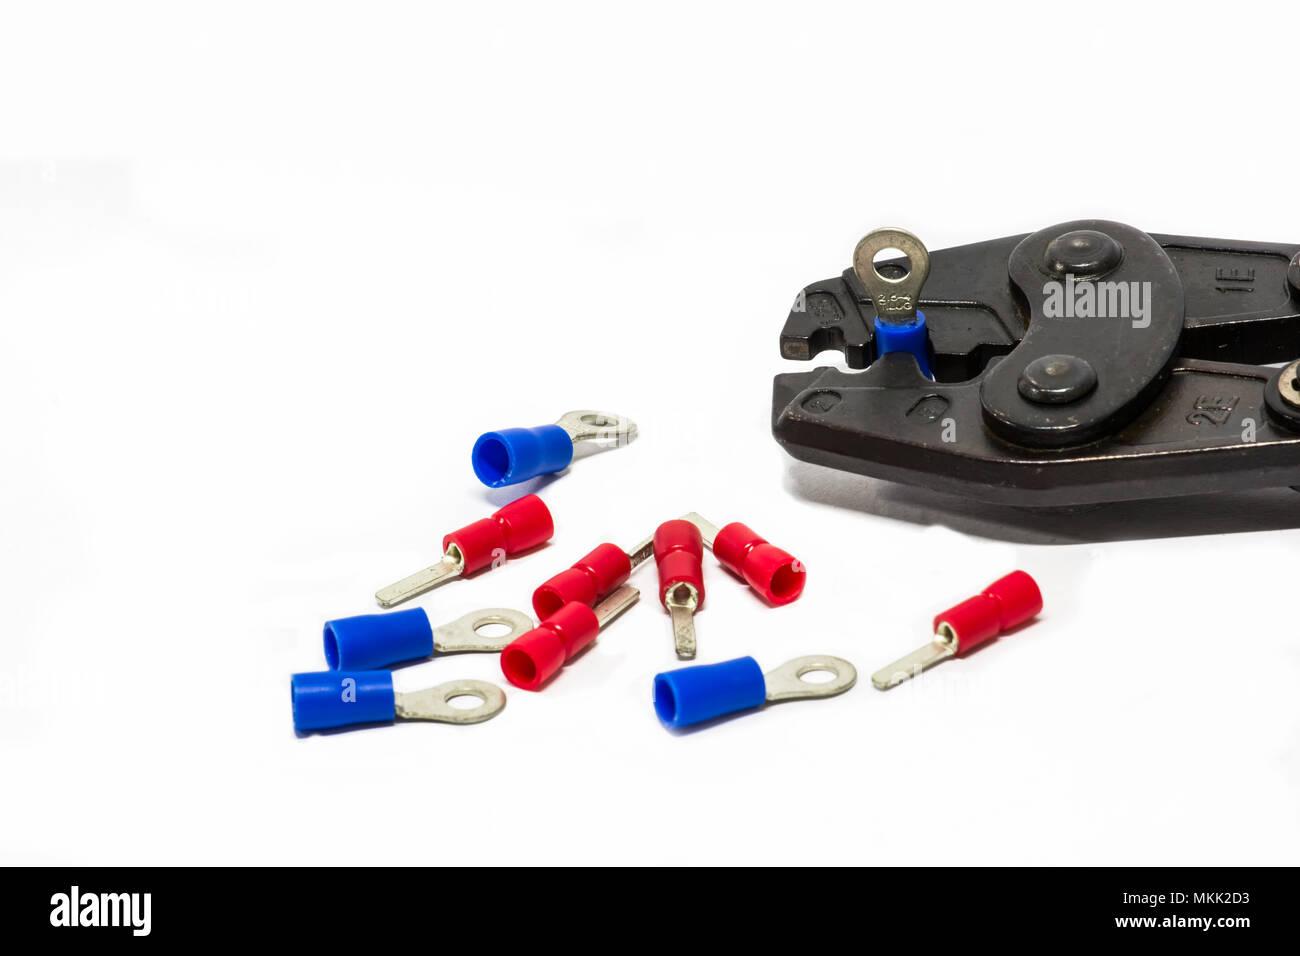 Electrical Terminal Crimping Tool Stock Photos & Electrical Terminal ...